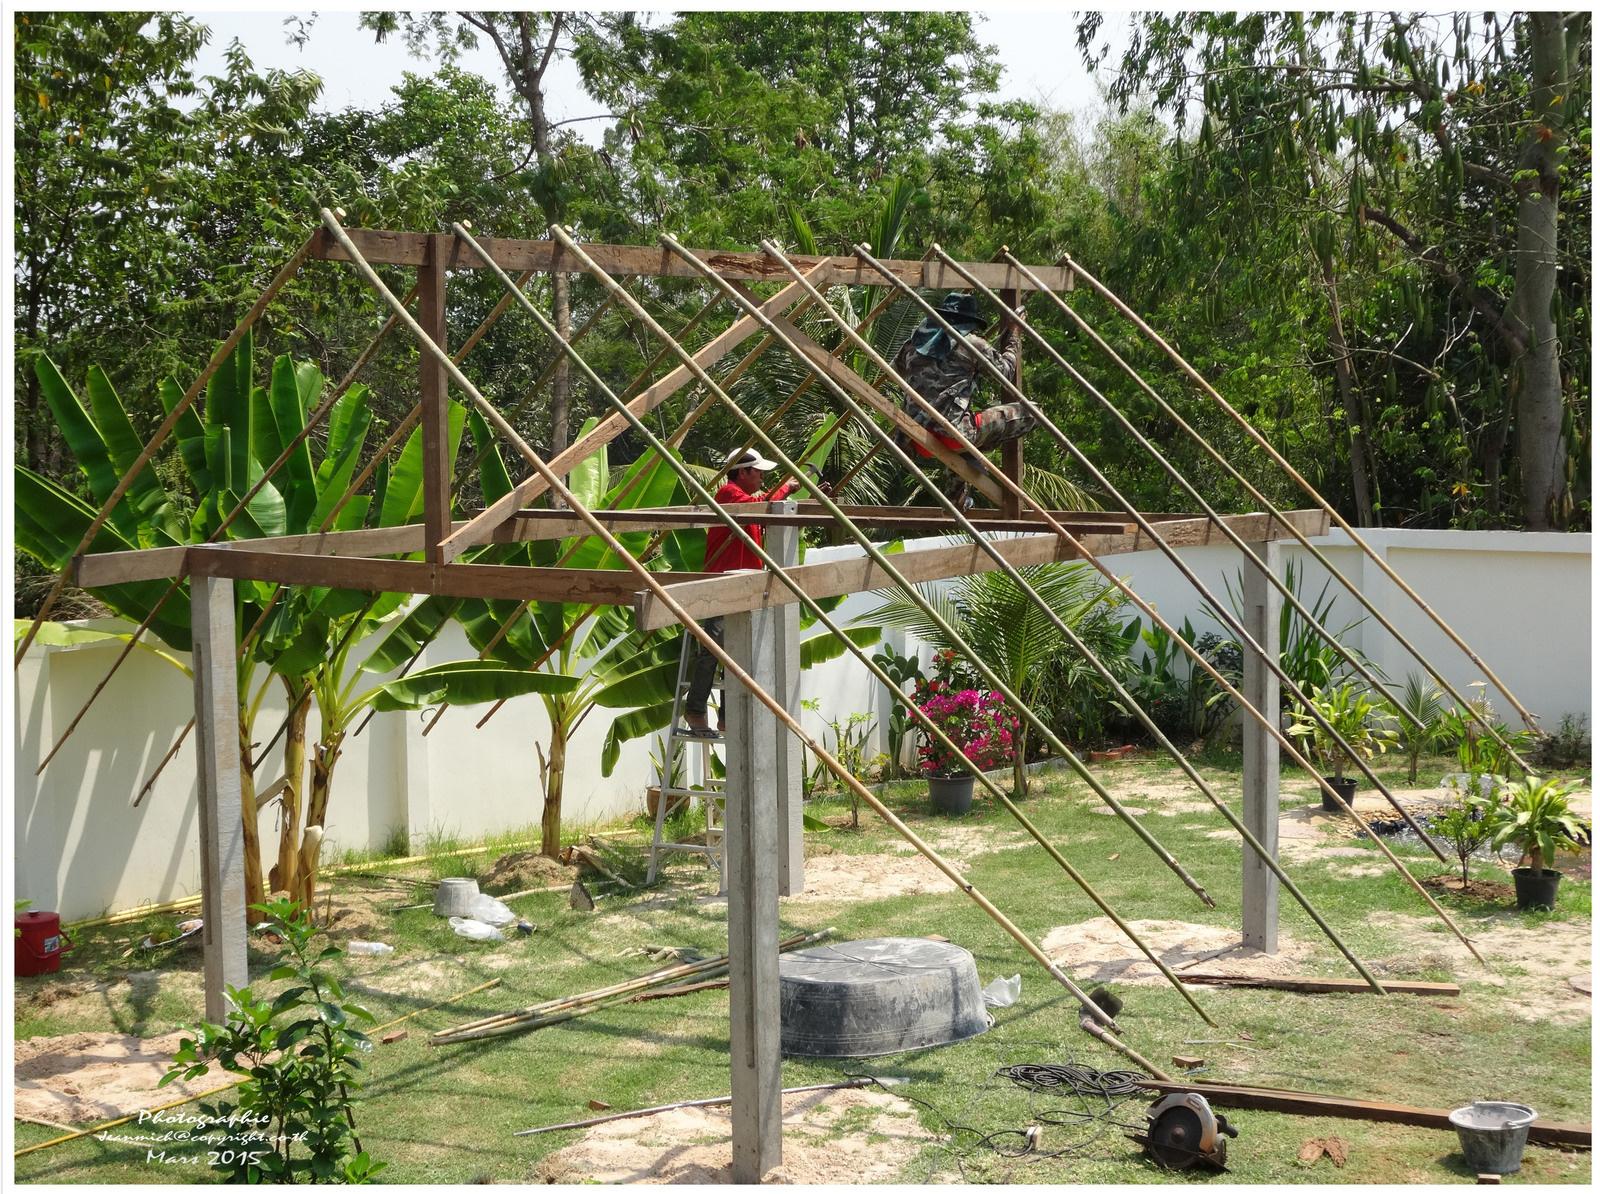 Construction D'un Abri De Jardin (Sala En Thaï) - Le Blog De ... pour Abri Jardin Bambou